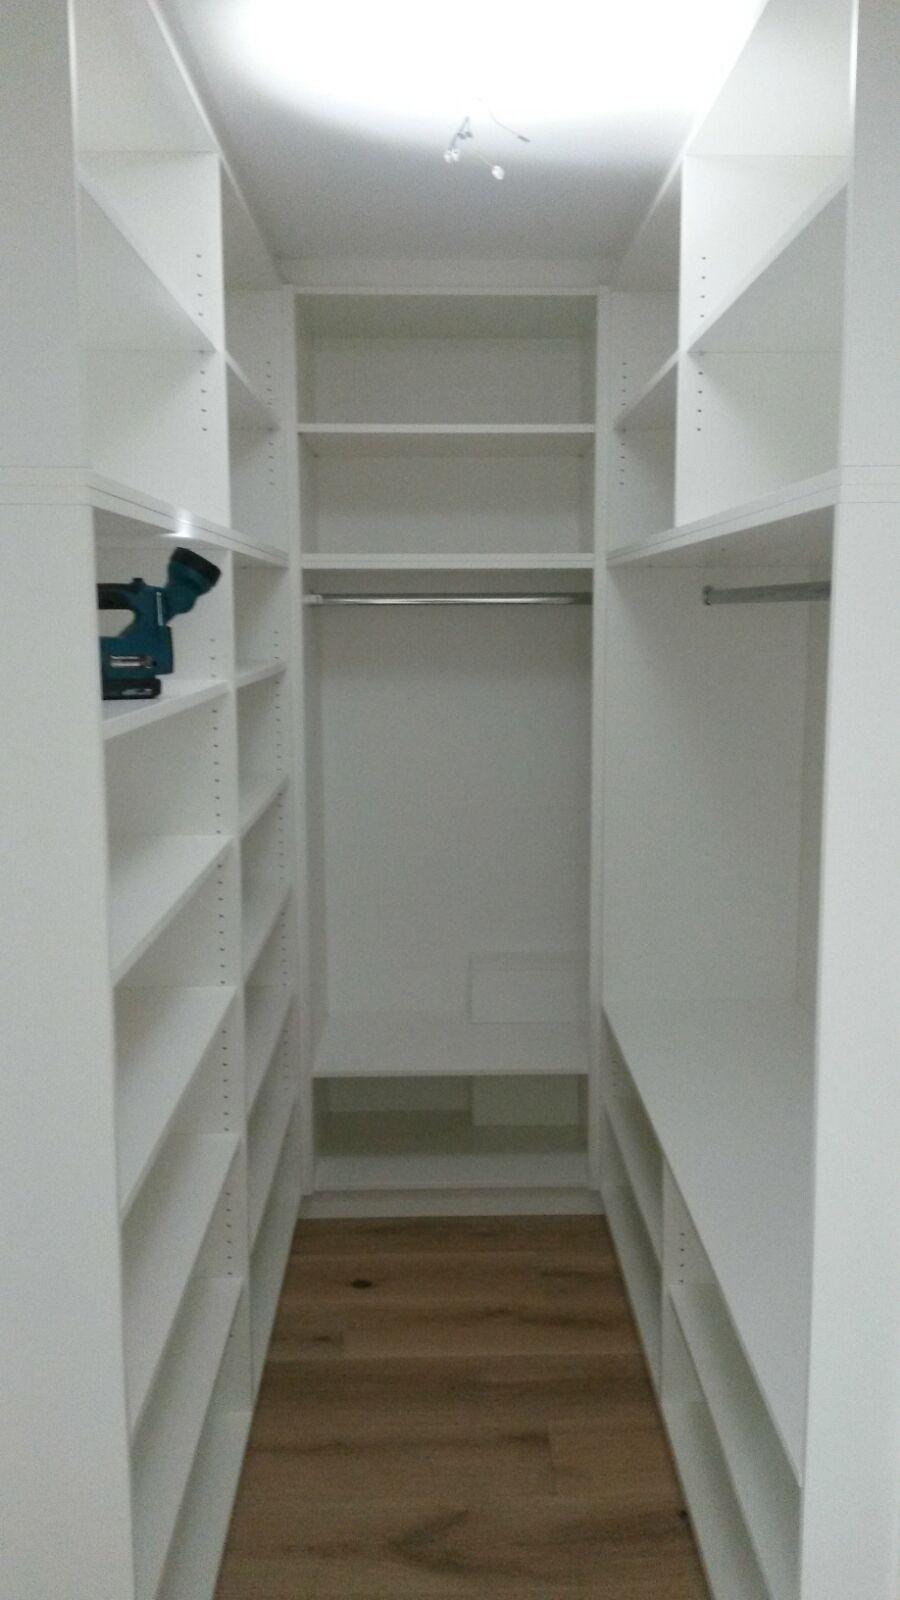 Kleiner Raum Begehbarer Kleiderschrank Небольшие гардеробные